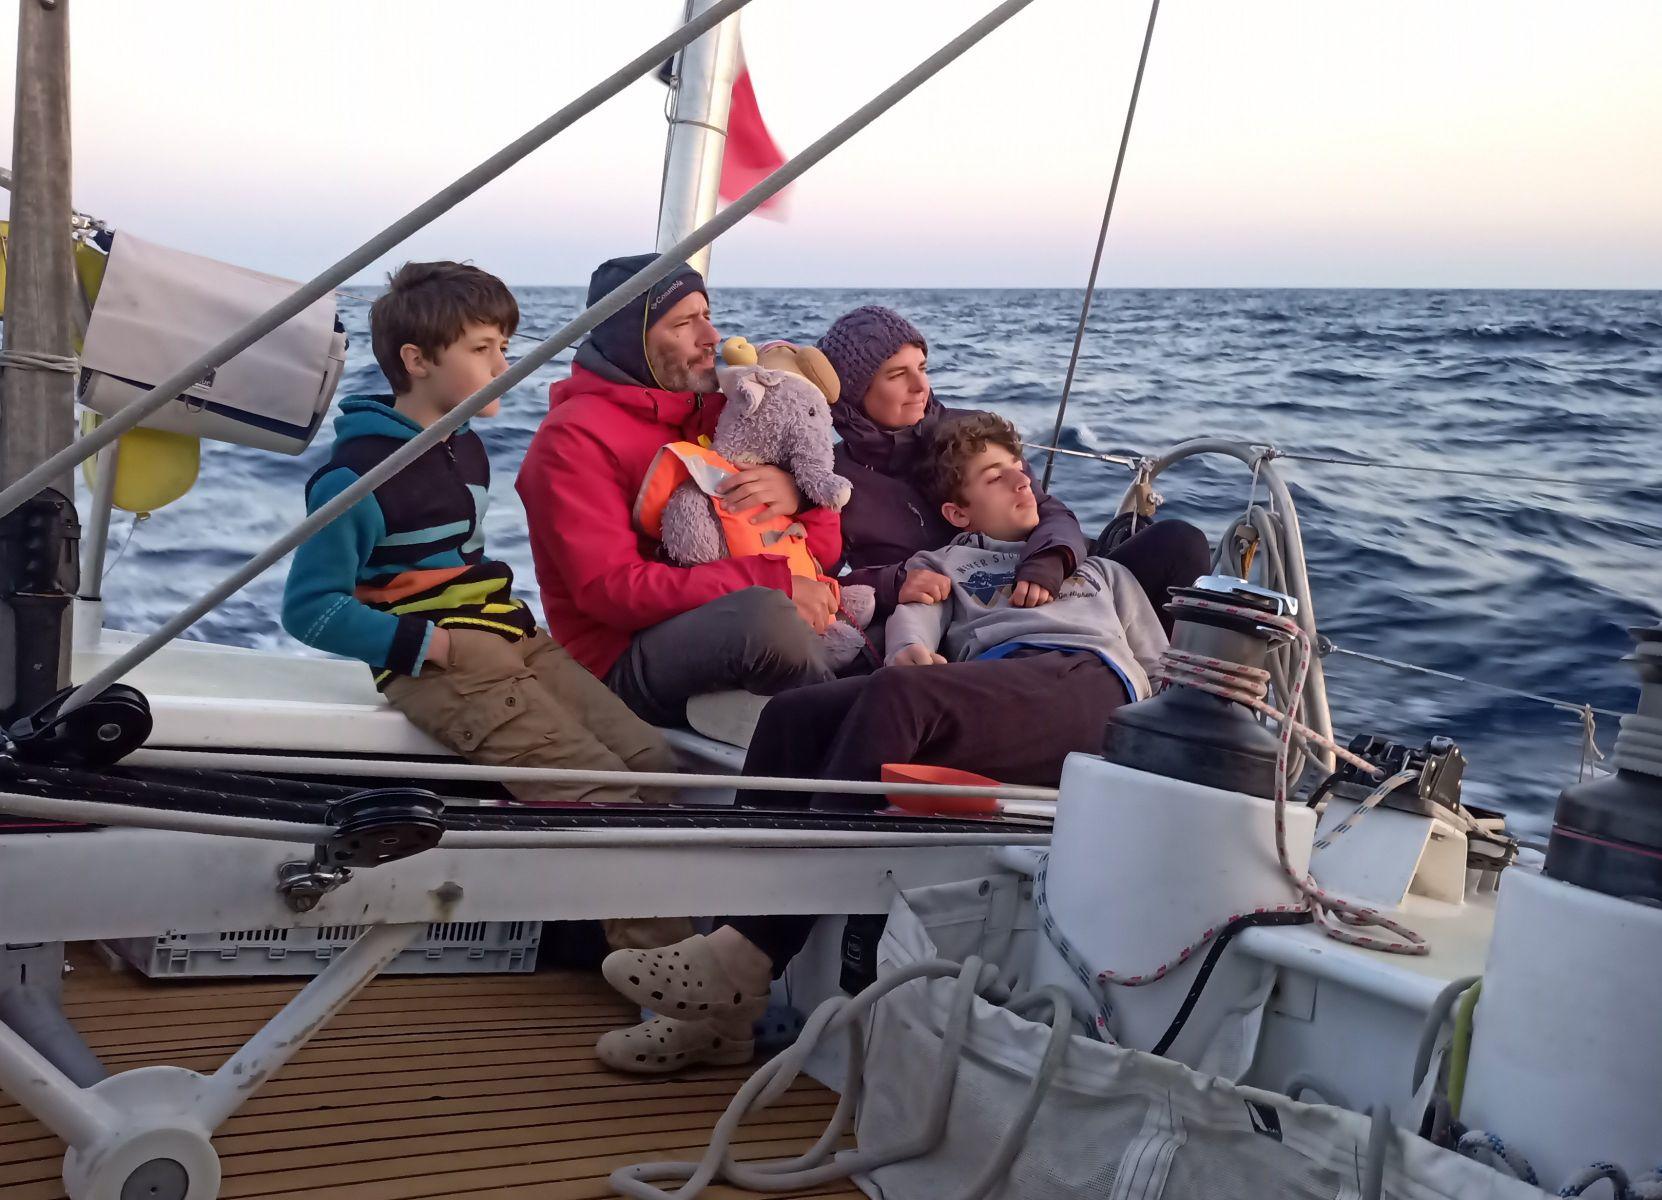 Willem, Julien, Aurélie, Fabio et moi , pendant la traversée Sardaigne-Baléares